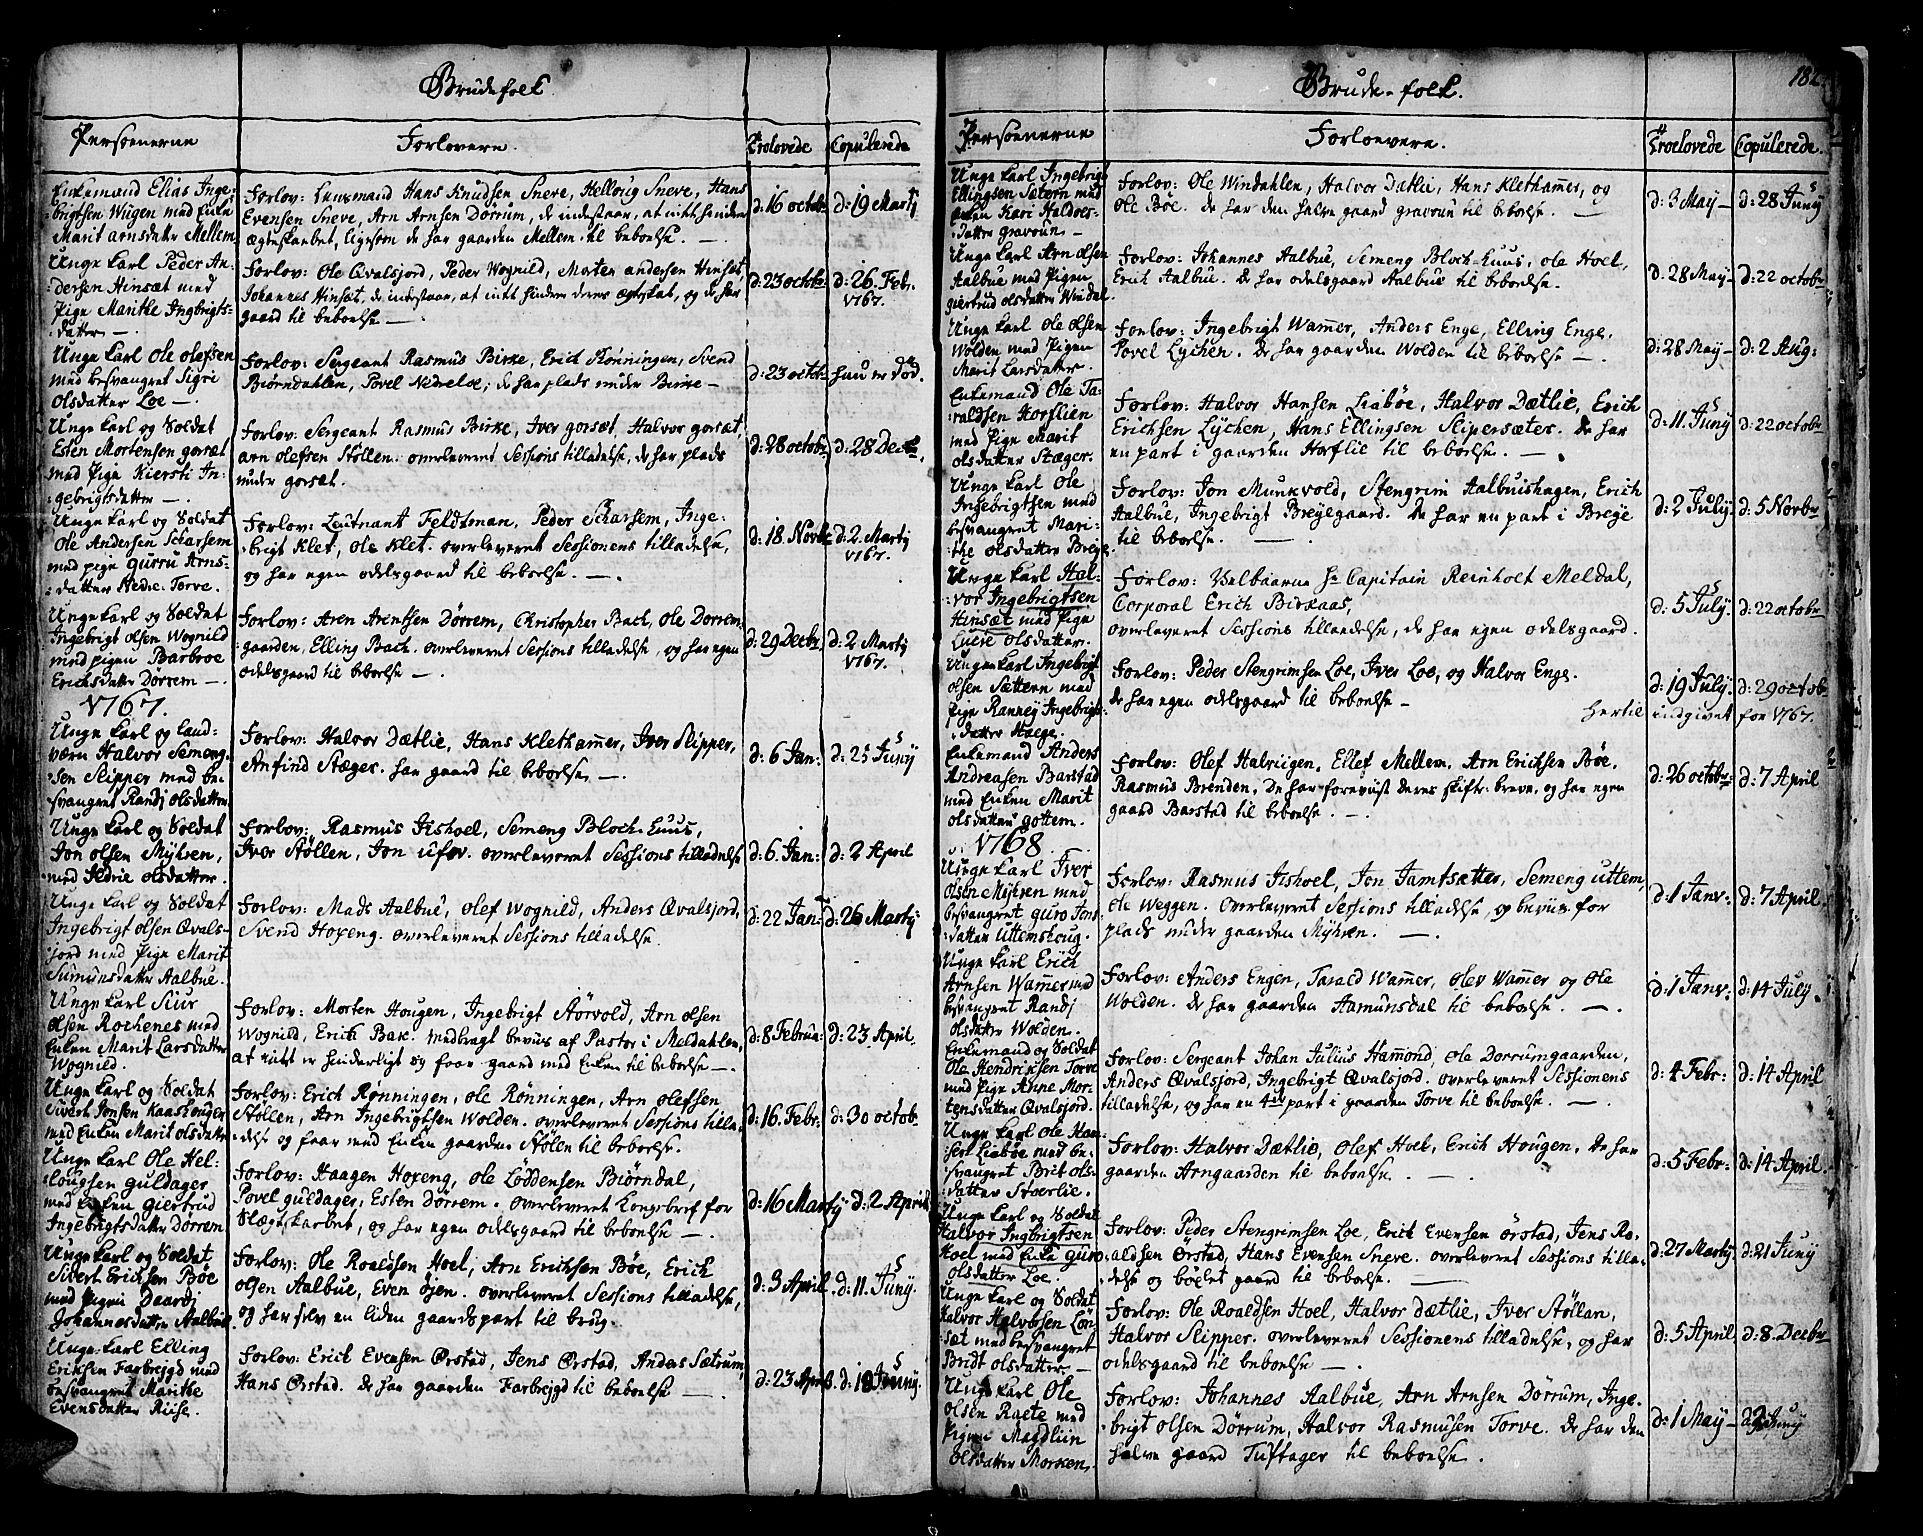 SAT, Ministerialprotokoller, klokkerbøker og fødselsregistre - Sør-Trøndelag, 678/L0891: Ministerialbok nr. 678A01, 1739-1780, s. 182